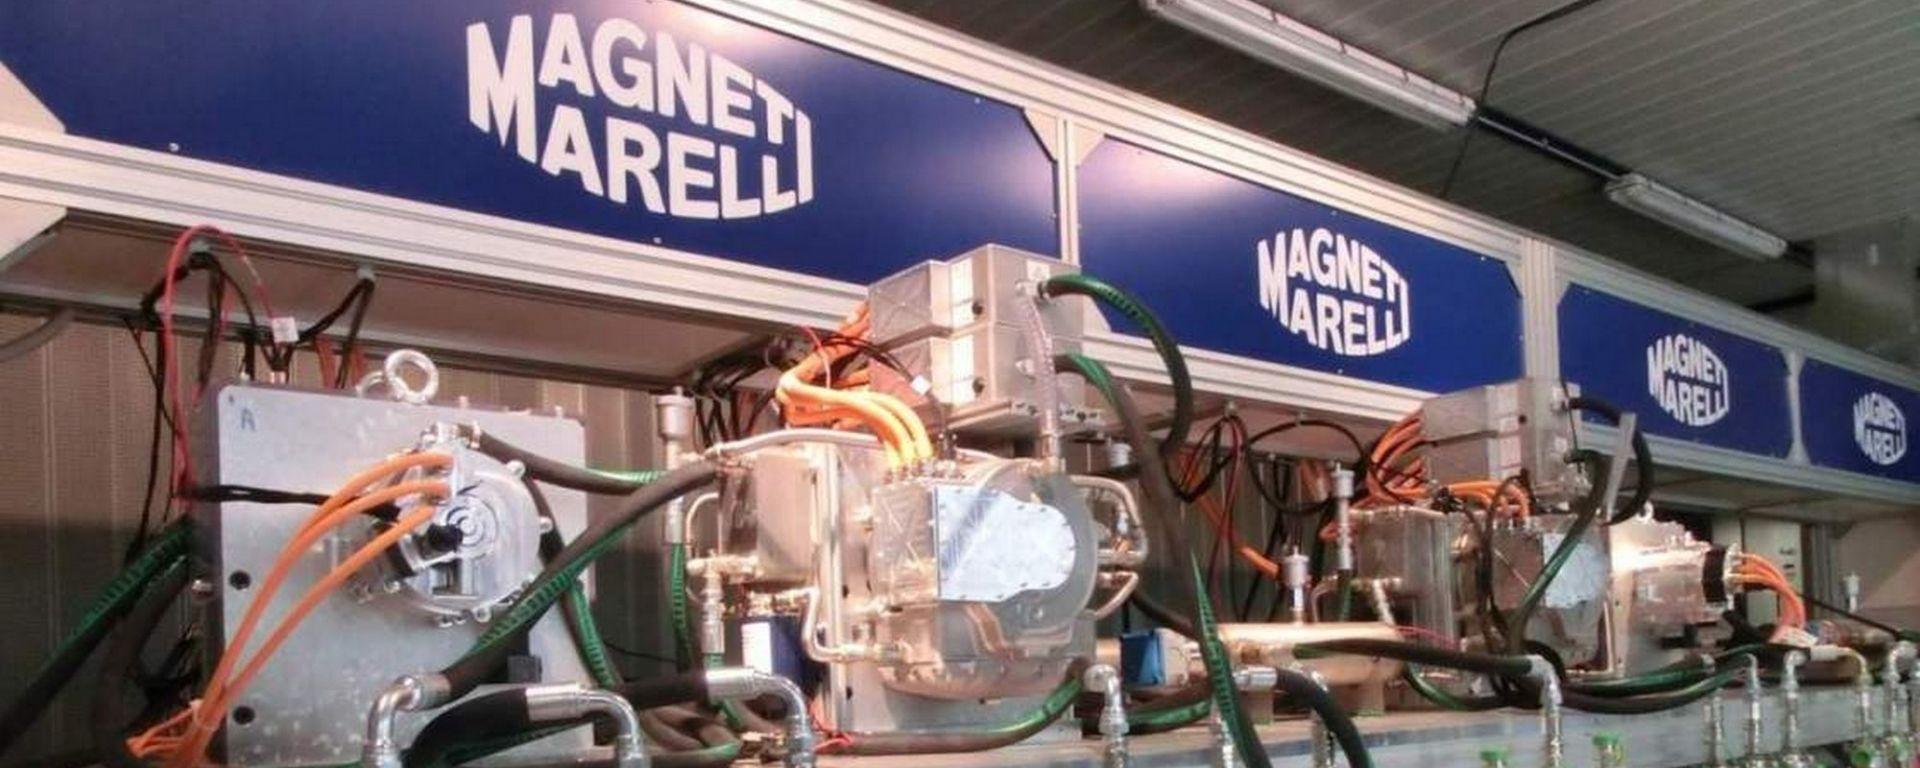 Magneti Marelli, via libera allo scorporo da FCA